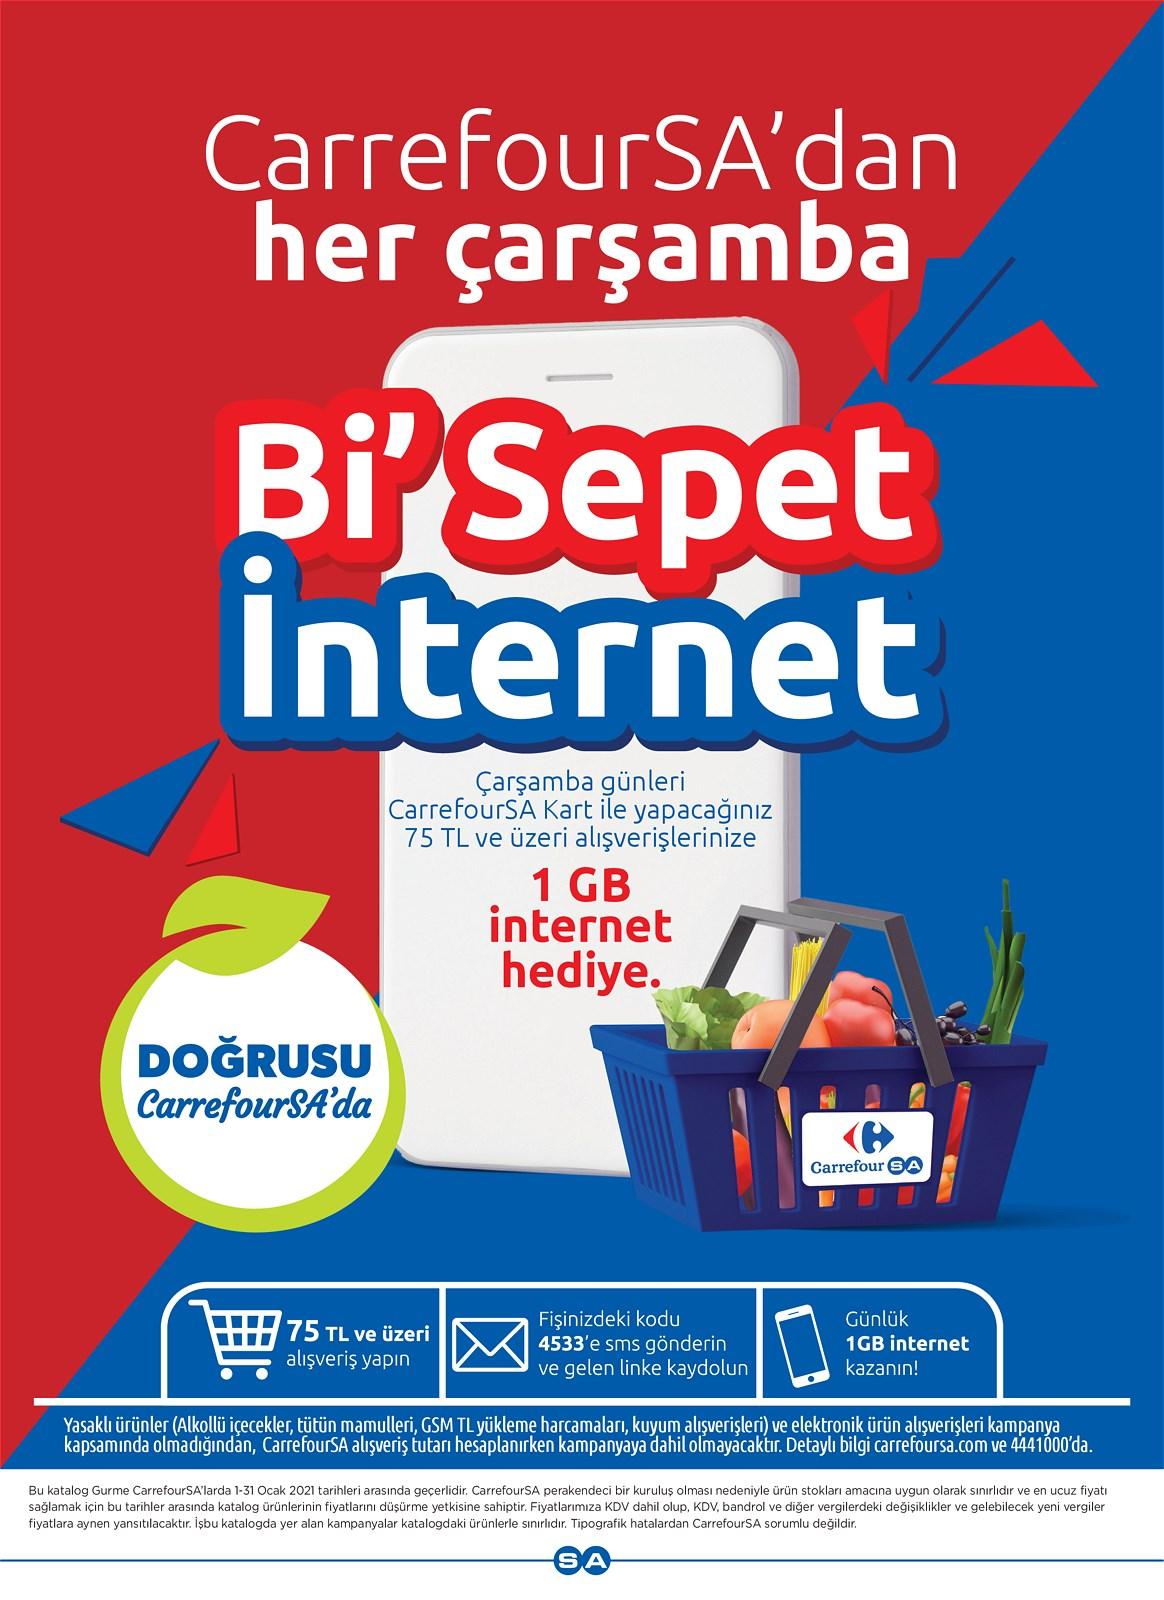 01.01.2021 CarrefourSA broşürü 16. sayfa